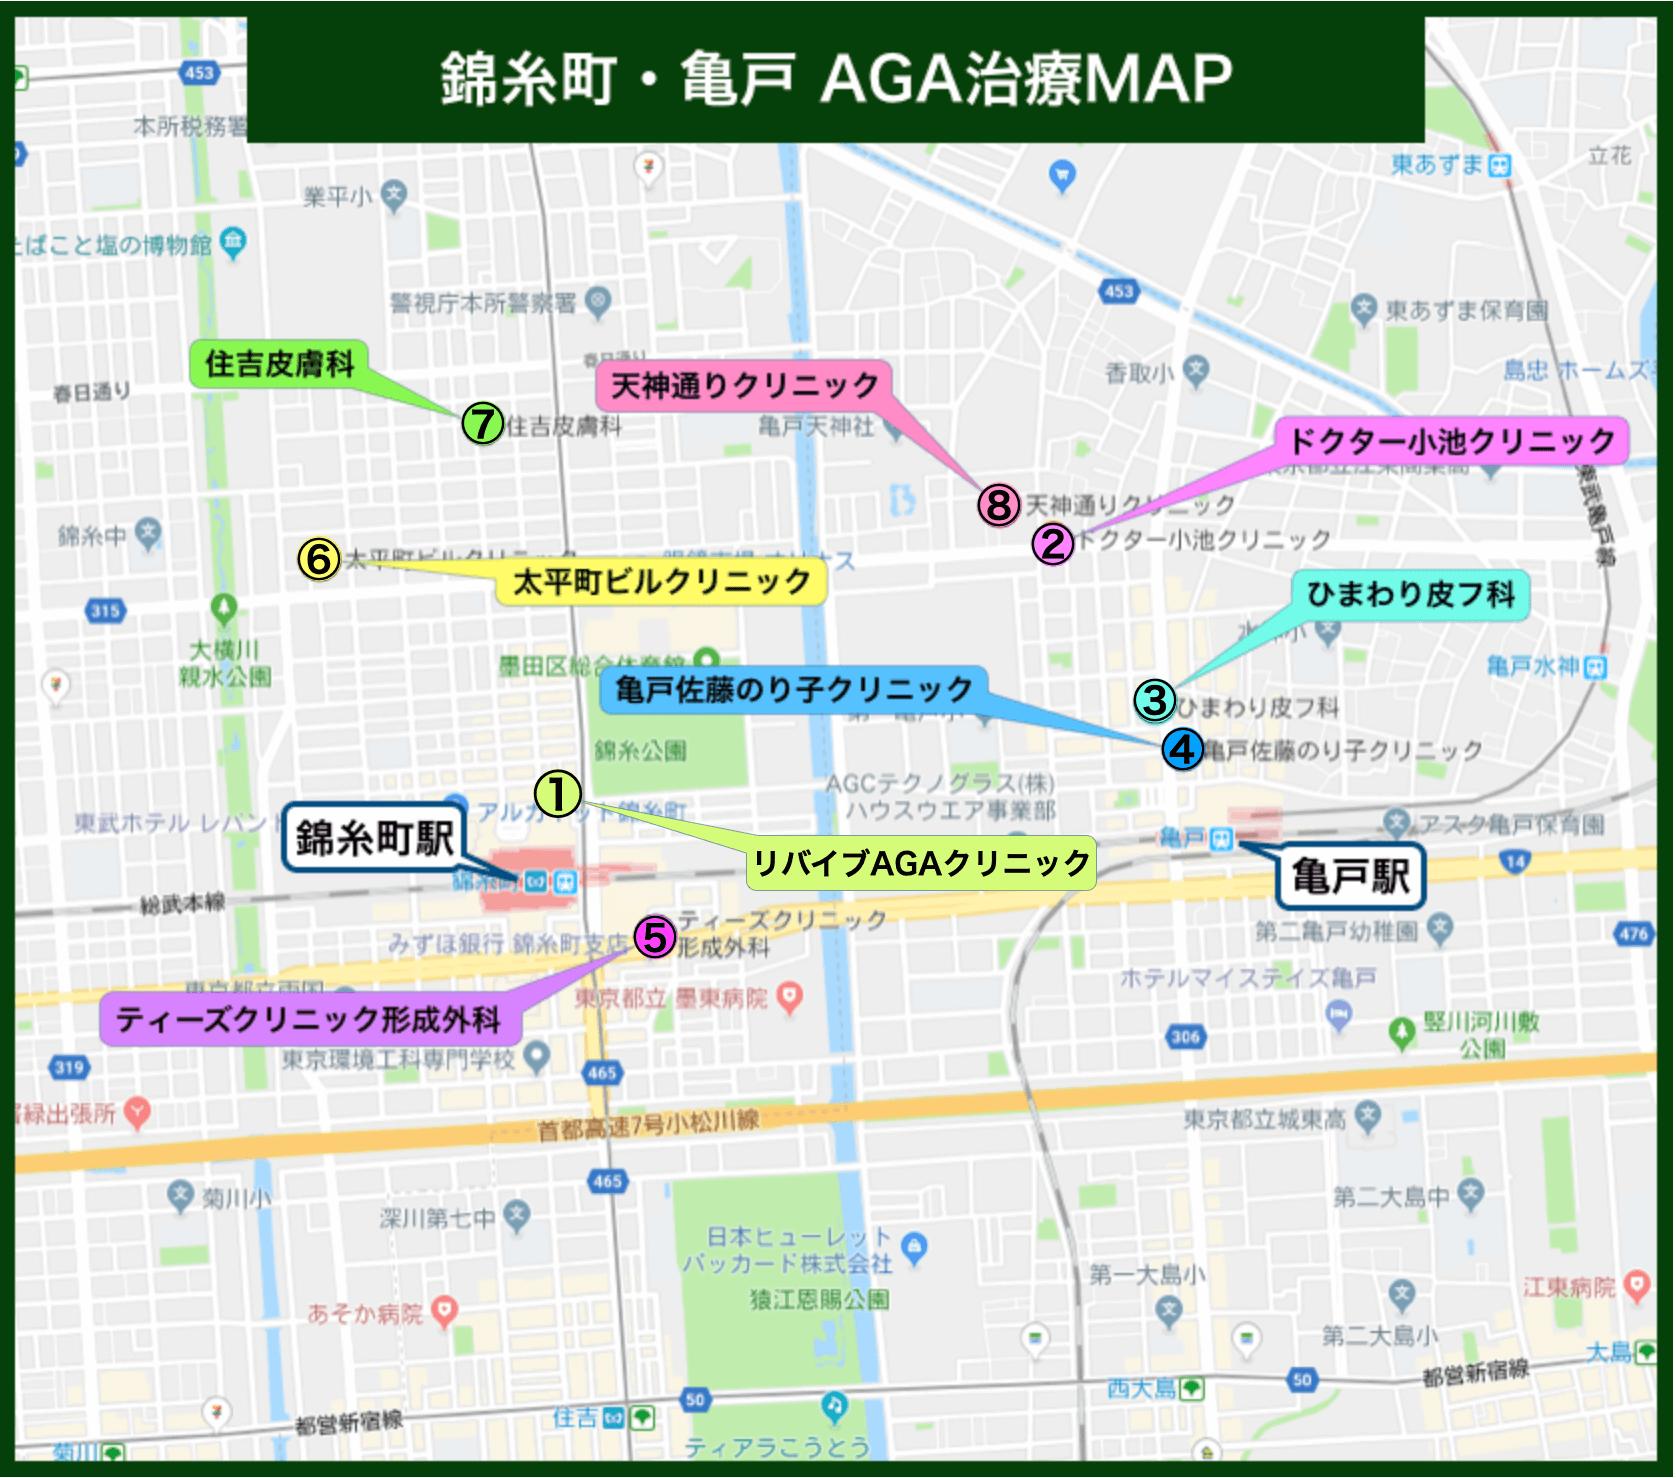 錦糸町・亀戸AGA治療MAP(2021年7月版)